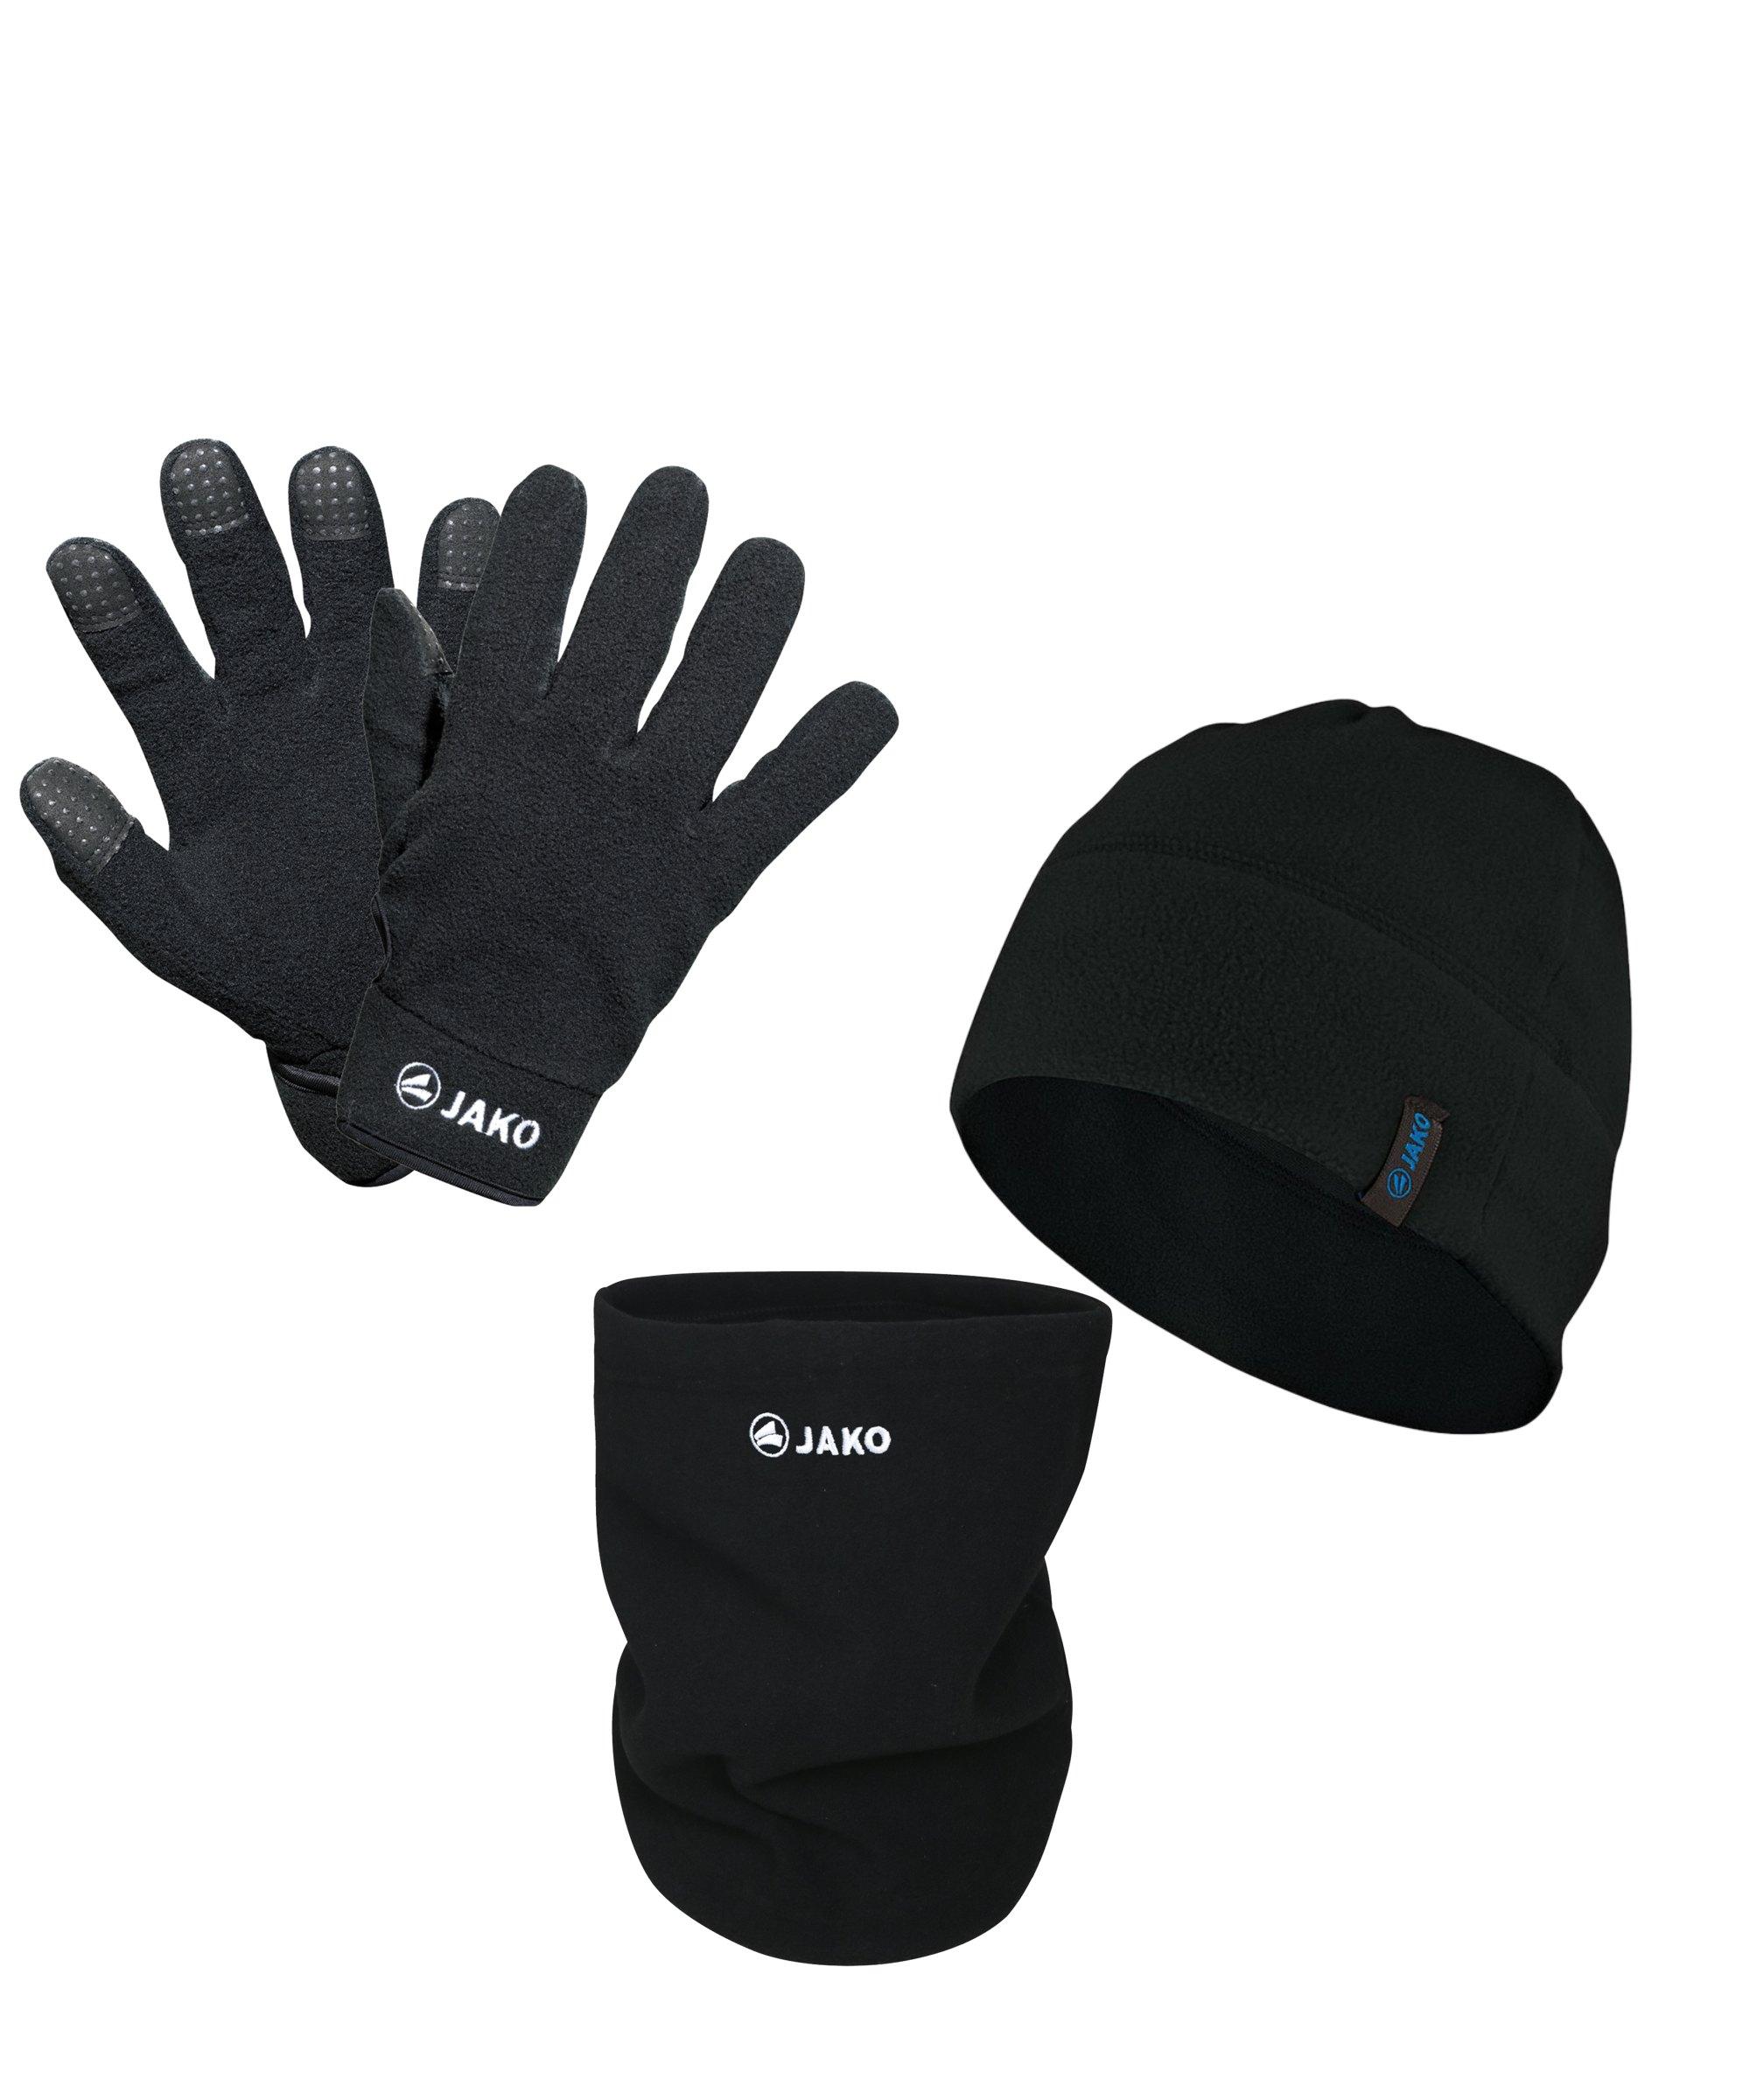 JAKO 3er Winter Set Handschuh + Beanie + Neckwarmer Schwarz - schwarz